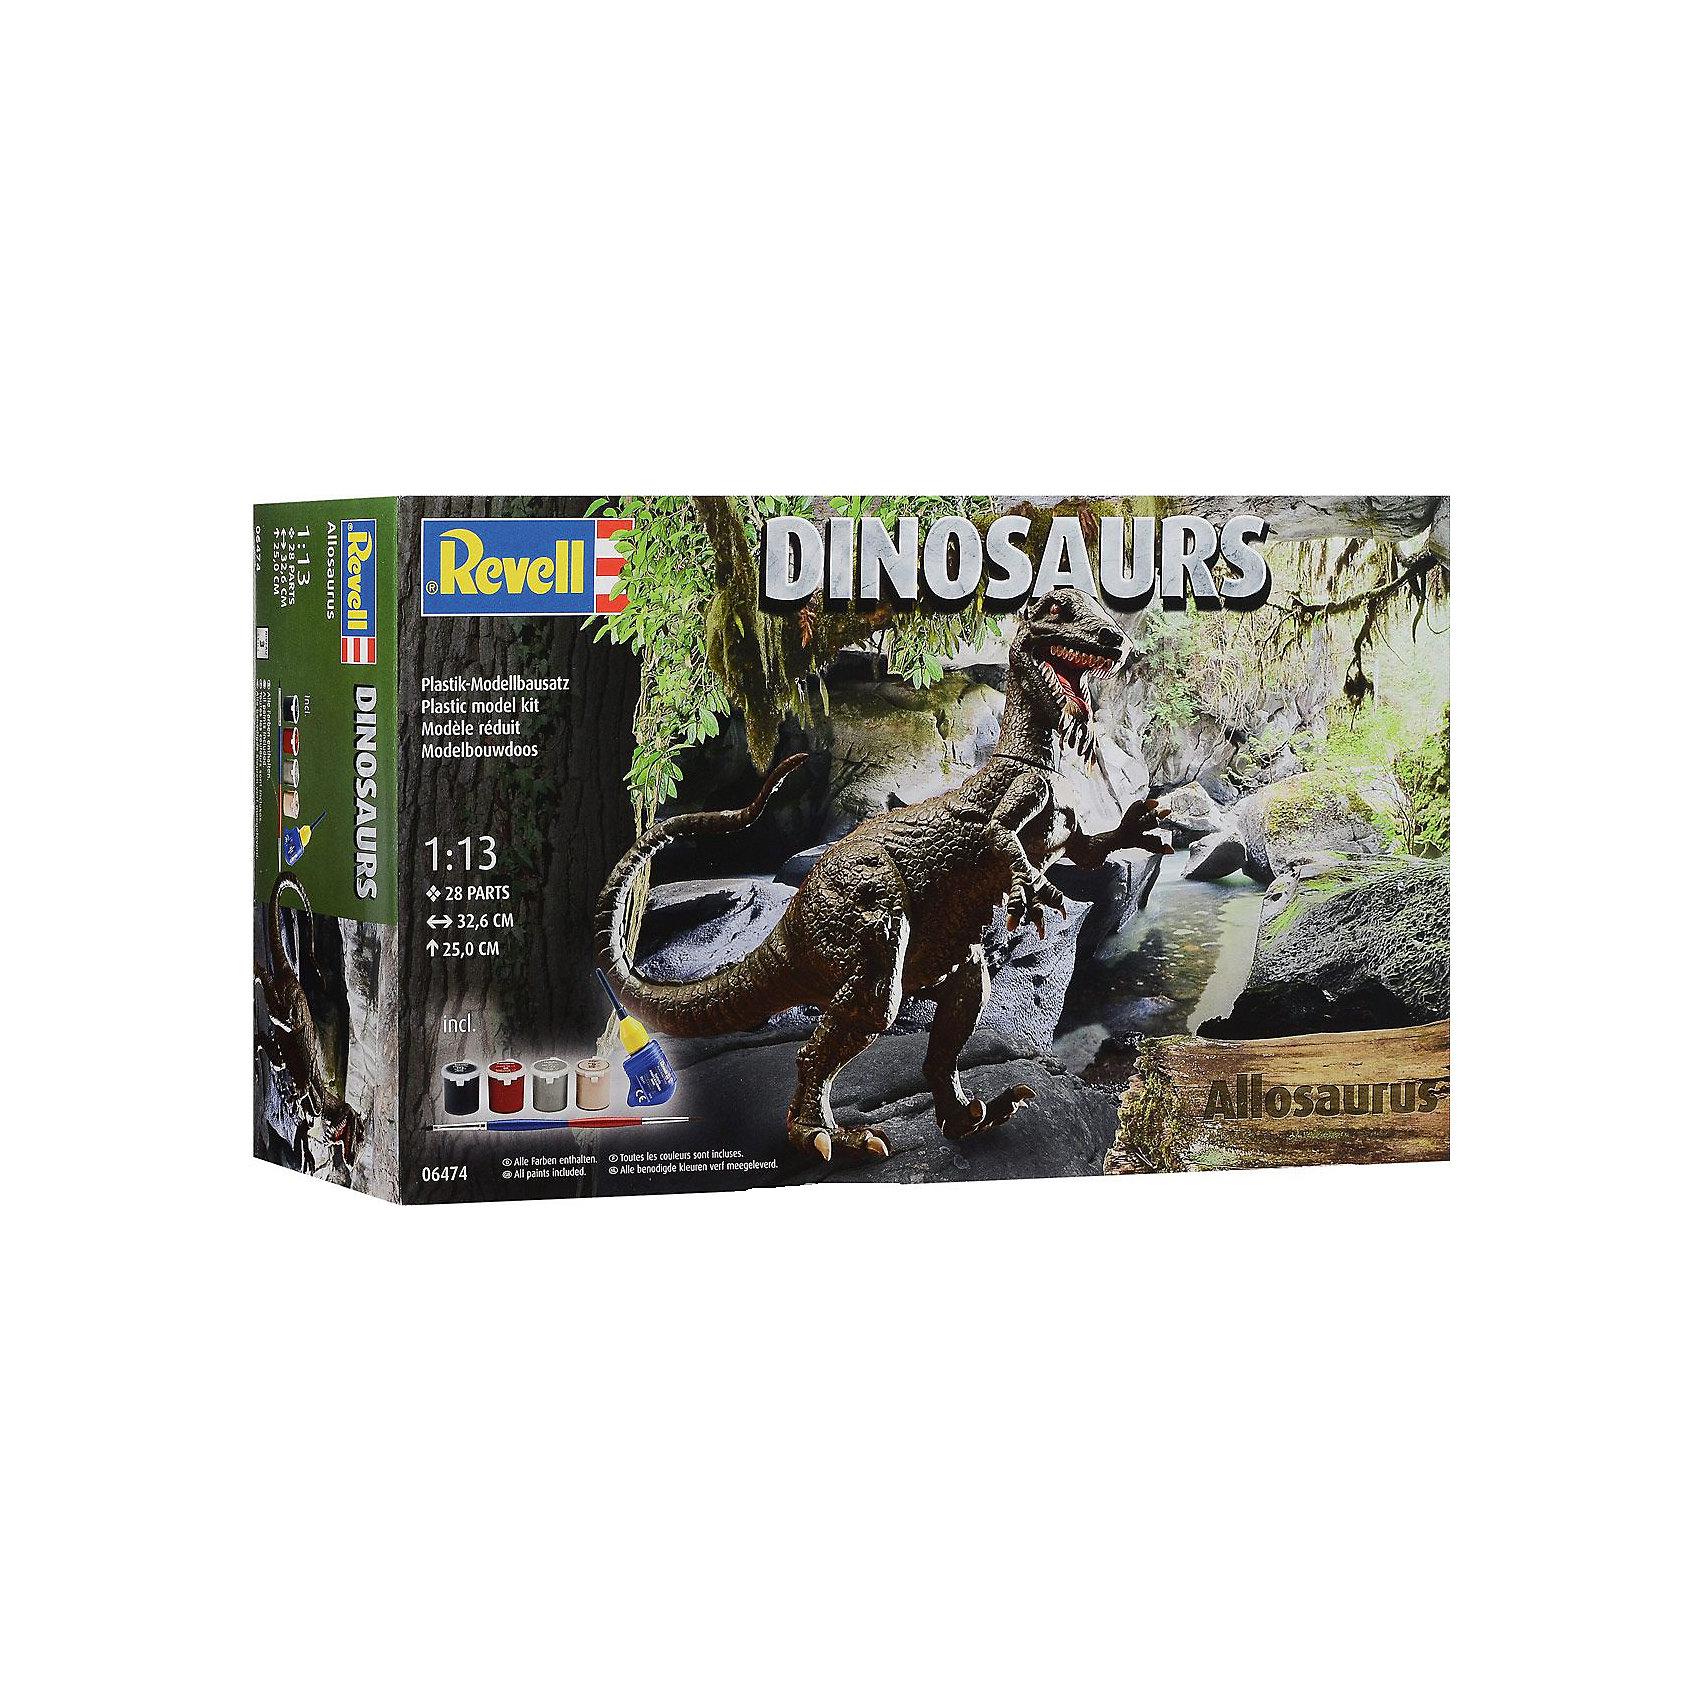 Аллозавр, RevellДраконы и динозавры<br>Характеристики товара:<br><br>• возраст от 10 лет;<br>• материал: пластик;<br>• в комплекте: 28 деталей, 4 банки с краской, кисточка, клей;<br>• высота собранной модели 25 см;<br>• масштаб 1:13;<br>• размер упаковки 44х25х11 см;<br>• вес упаковки 570 гр.;<br>• страна производитель: Польша.<br><br>Сборная модель «Аллозавр» Revell позволит познакомиться с миром доисторических обитателей нашей планеты и собрать модель Аллозавра. Все детали легко соединяются между собой без дополнительных инструментов, для прочности они склеиваются между собой. Готовую модель детям предстоит самостоятельно раскрасить акриловыми красками. Такое занятие не только увлечет ребенка, но и способствует развитию моторики рук, логического мышления, усидчивости.<br><br>Аллозавра Revell можно приобрести в нашем интернет-магазине.<br><br>Ширина мм: 442<br>Глубина мм: 248<br>Высота мм: 115<br>Вес г: 572<br>Возраст от месяцев: 120<br>Возраст до месяцев: 180<br>Пол: Мужской<br>Возраст: Детский<br>SKU: 4150240